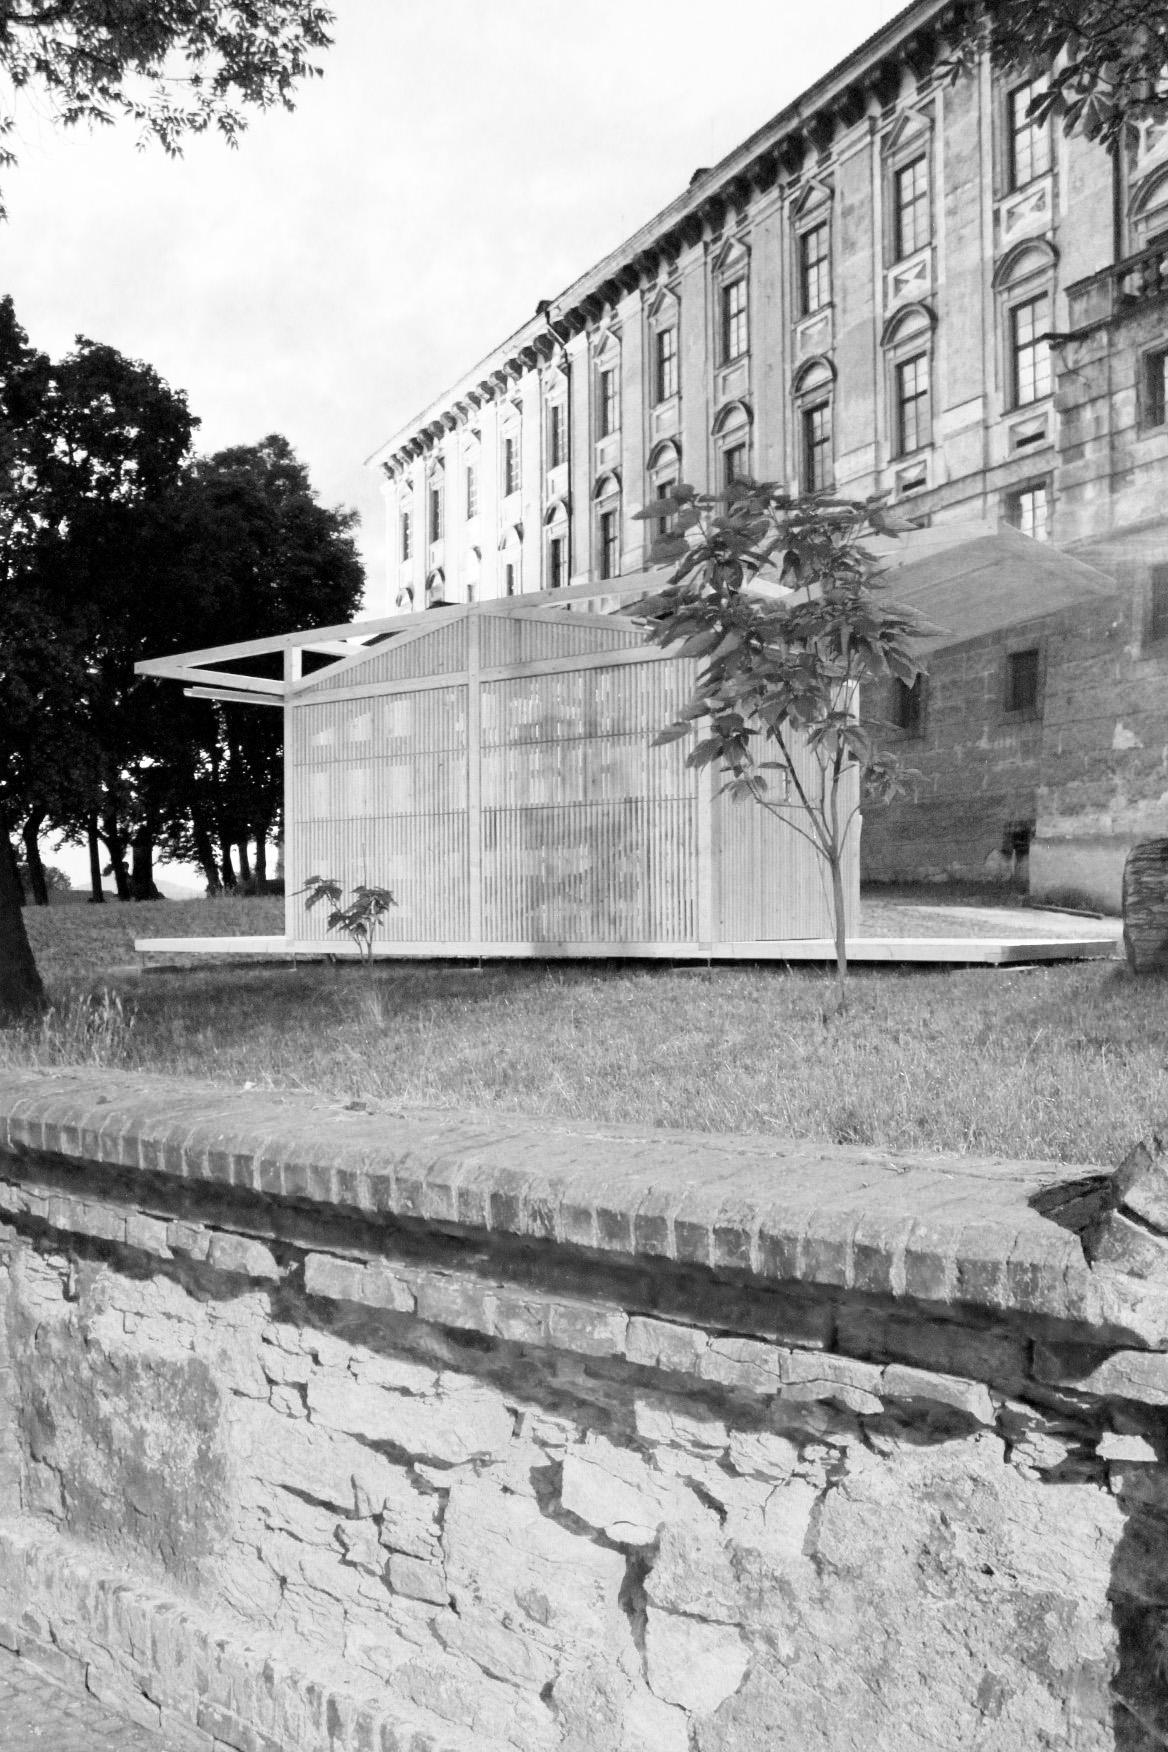 The Lobkowicz Winery Pavilion, CZ